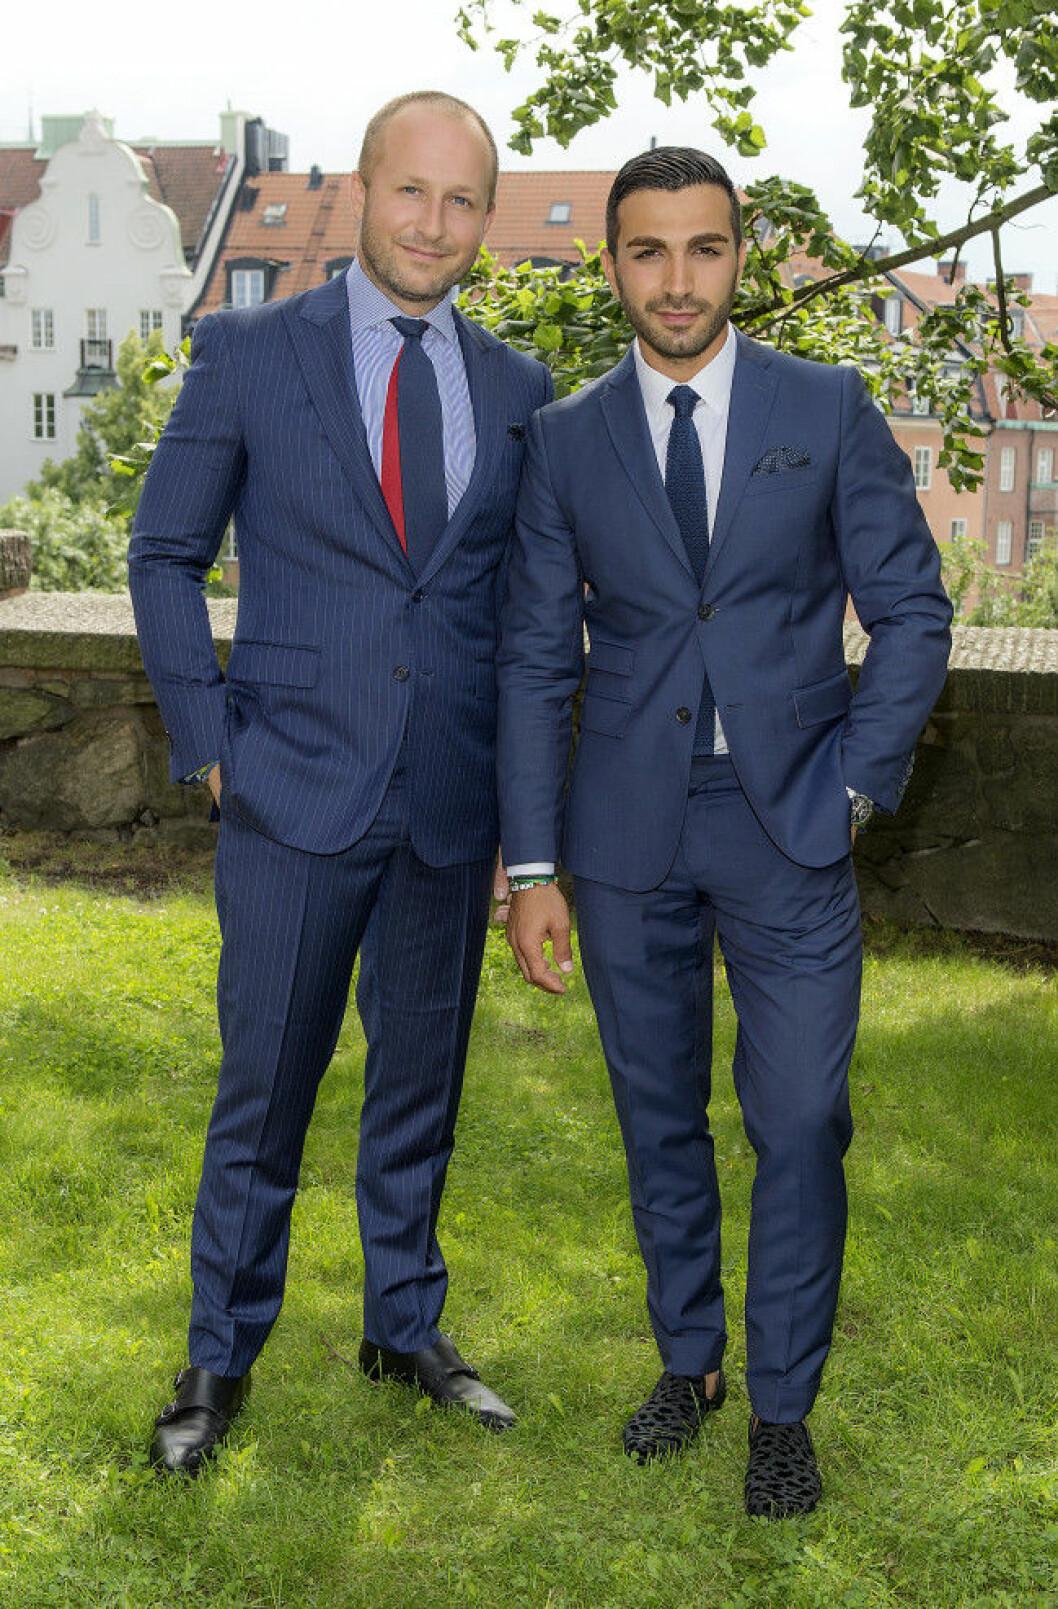 Johan Lundberg och Roy Fares Bobby Oduncus och Jimi Bennets bröllop på Engelbrektskyrkan, Stockholm 16-07-02 Foto ©Eero Hannukainen EEROBILD AB IBL *** Local Caption *** 06586377